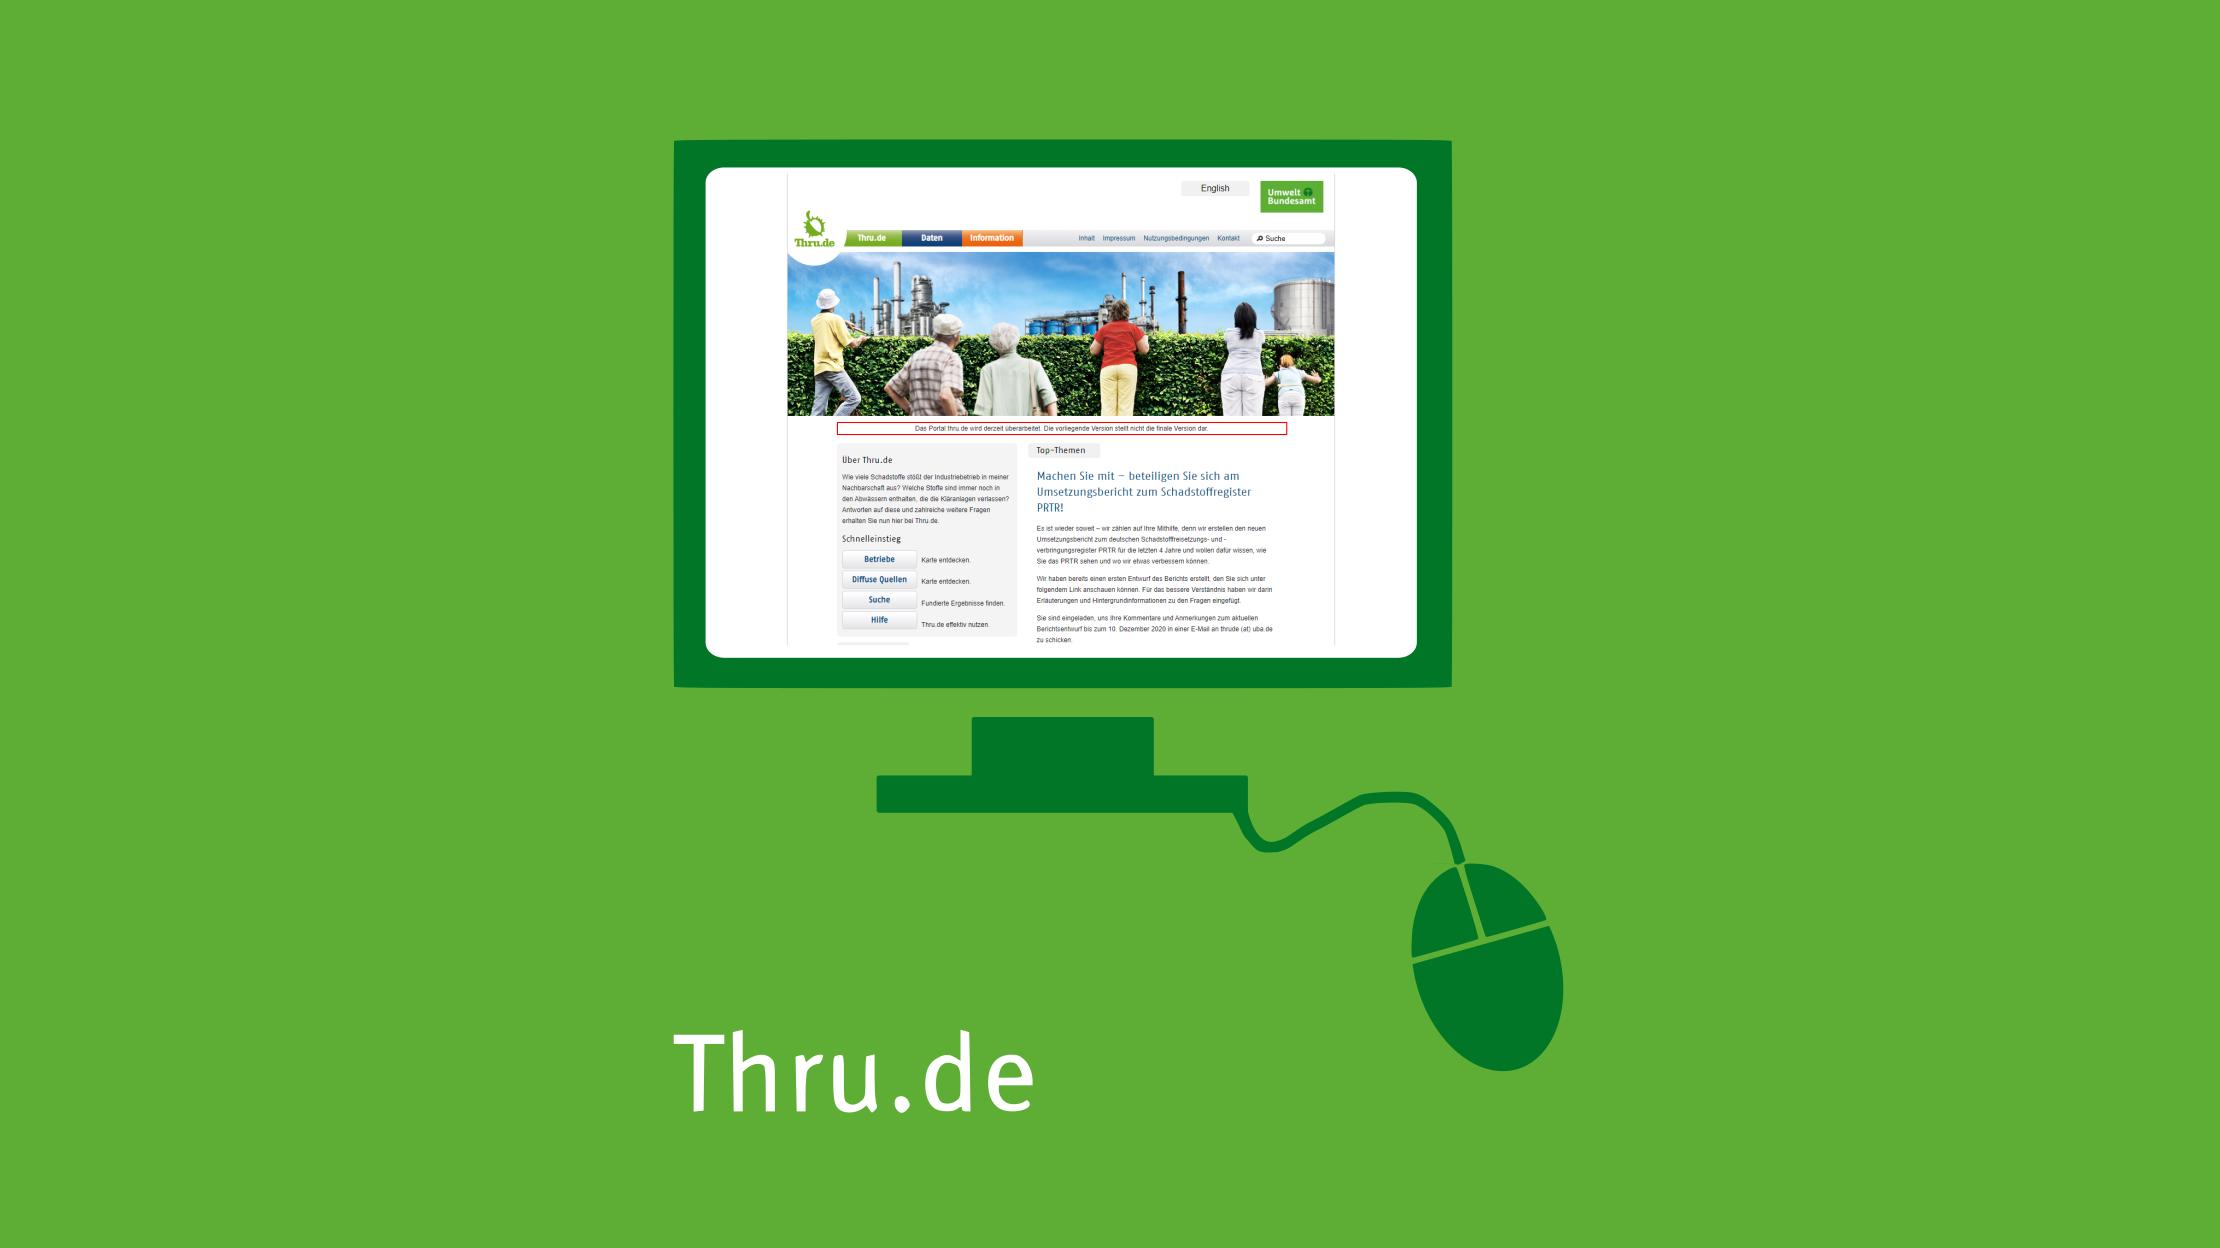 Ein Klick aufs Bild führt Sie zur verlinkten Thru.de-Website.